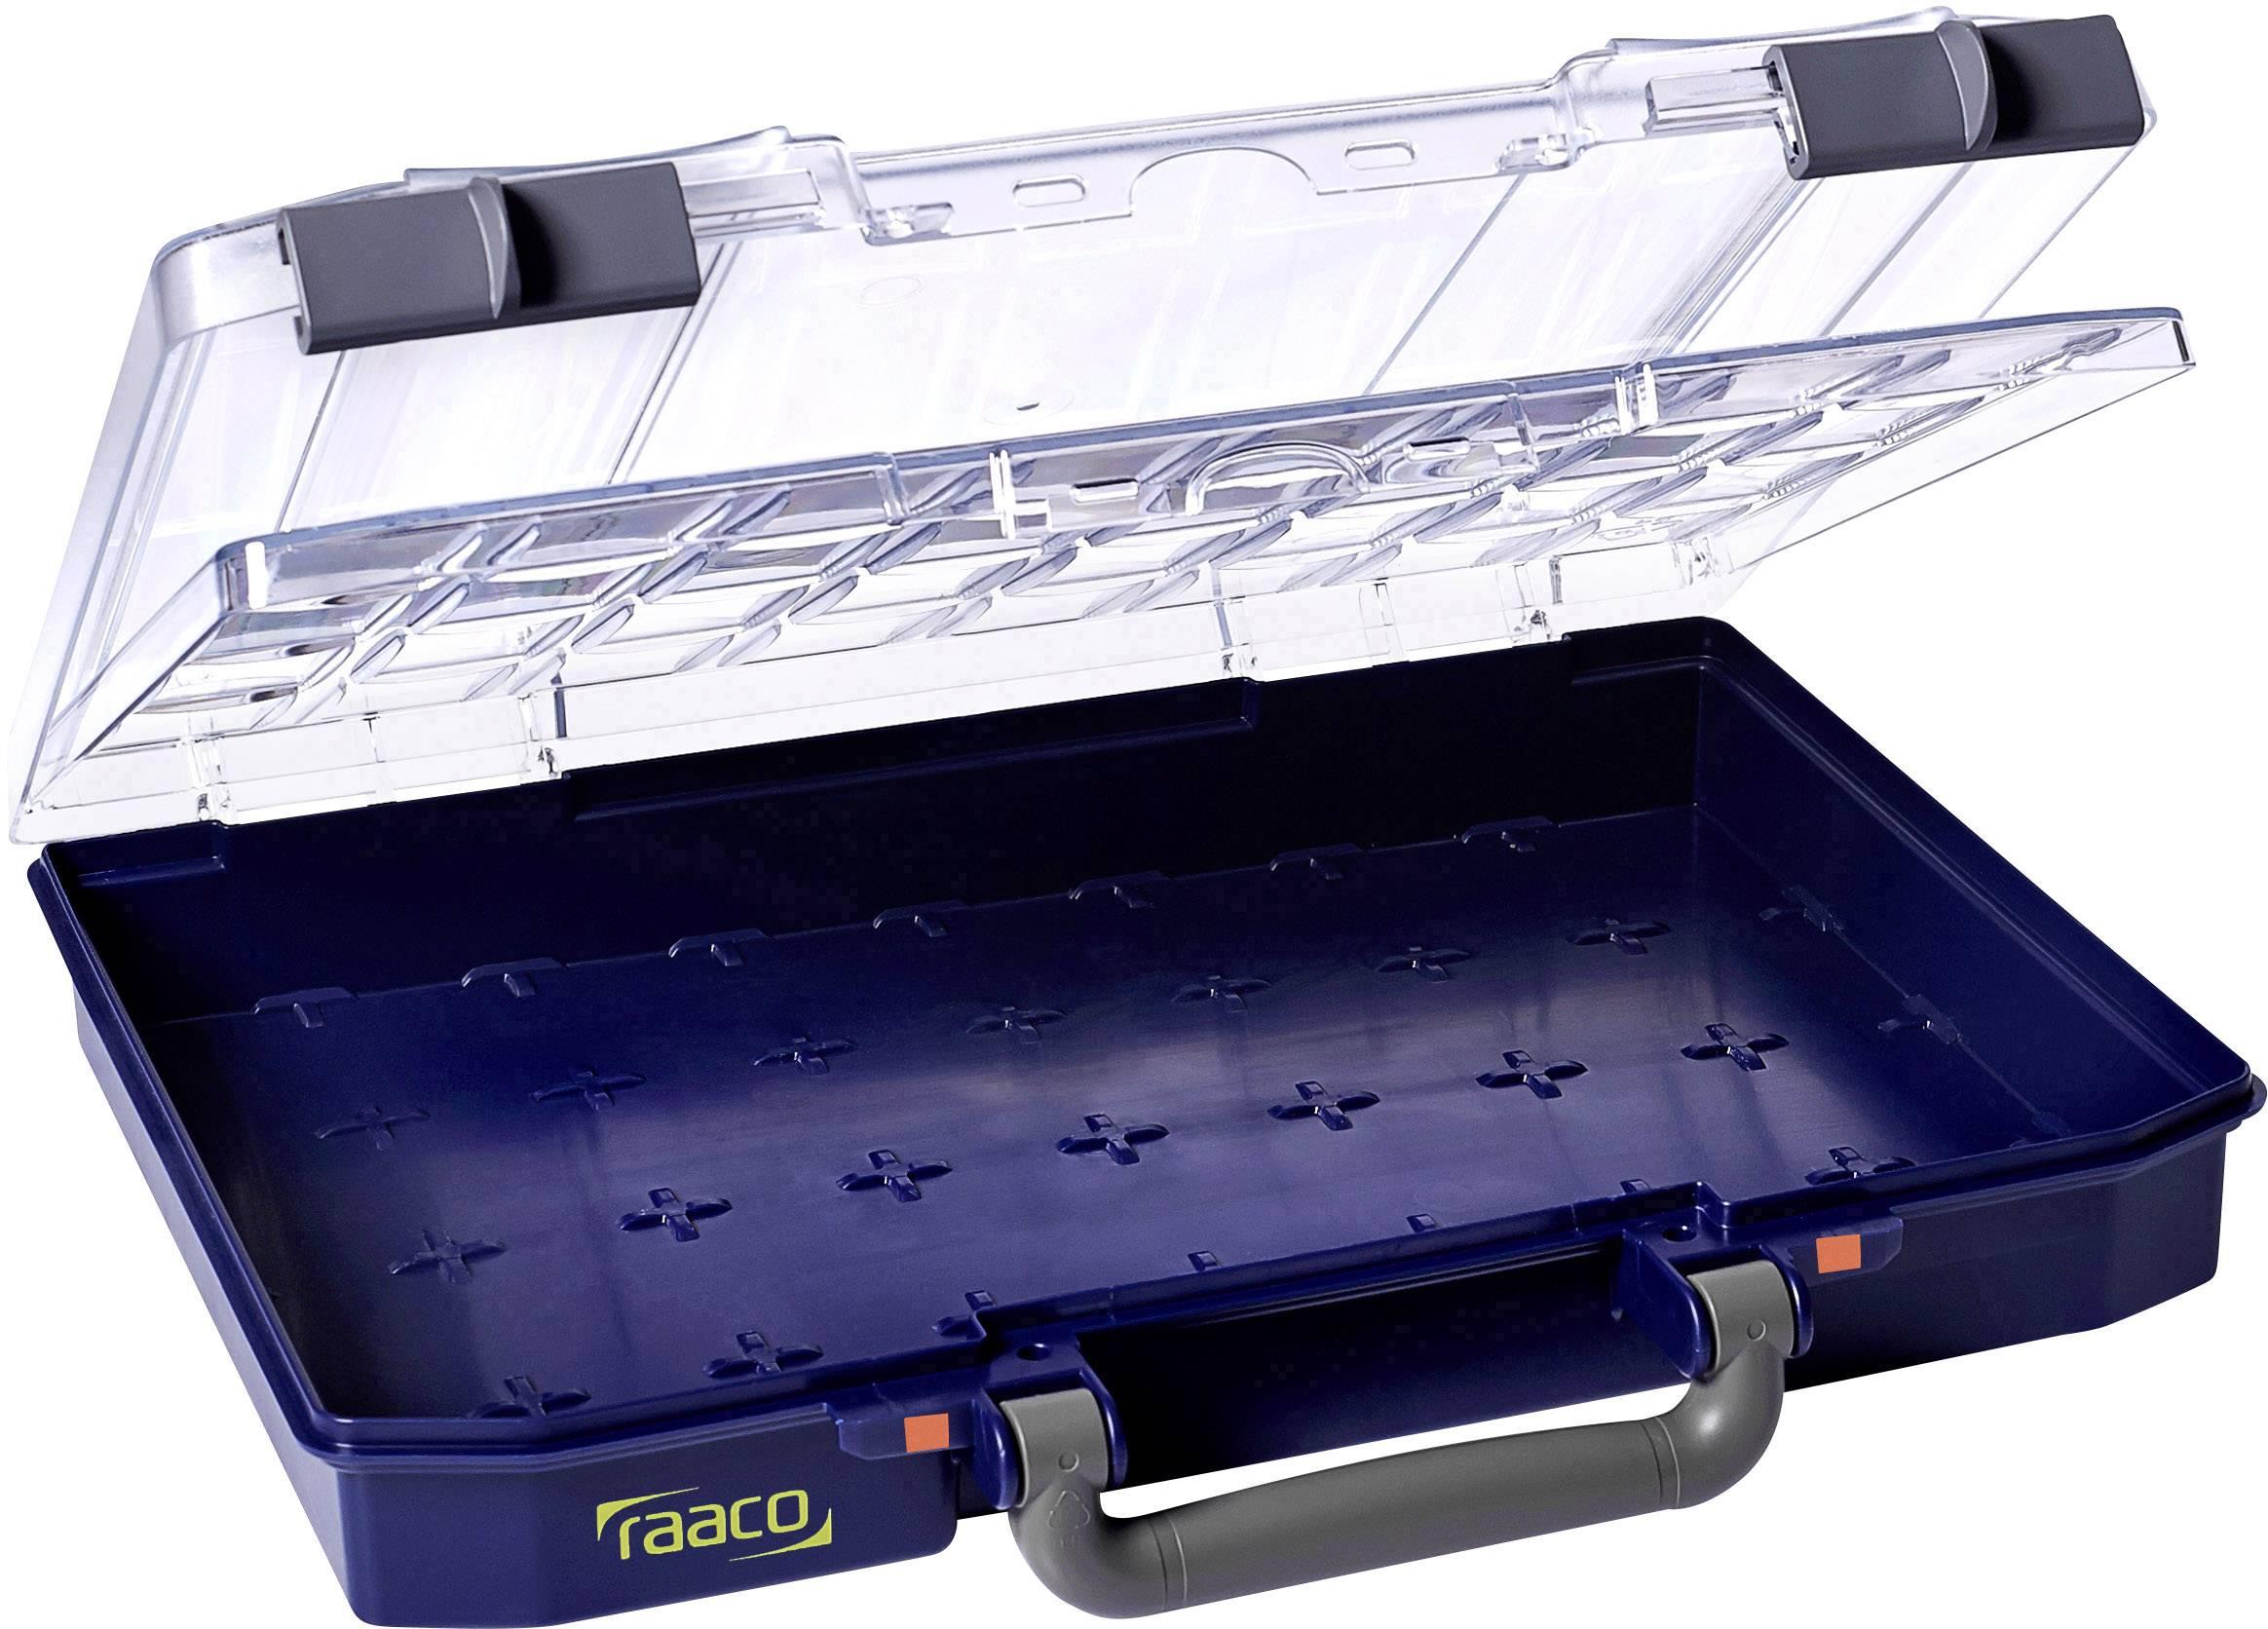 raaco CarryLite 55 4x8-0/DLU predal  Število predalov: 0   1 kos